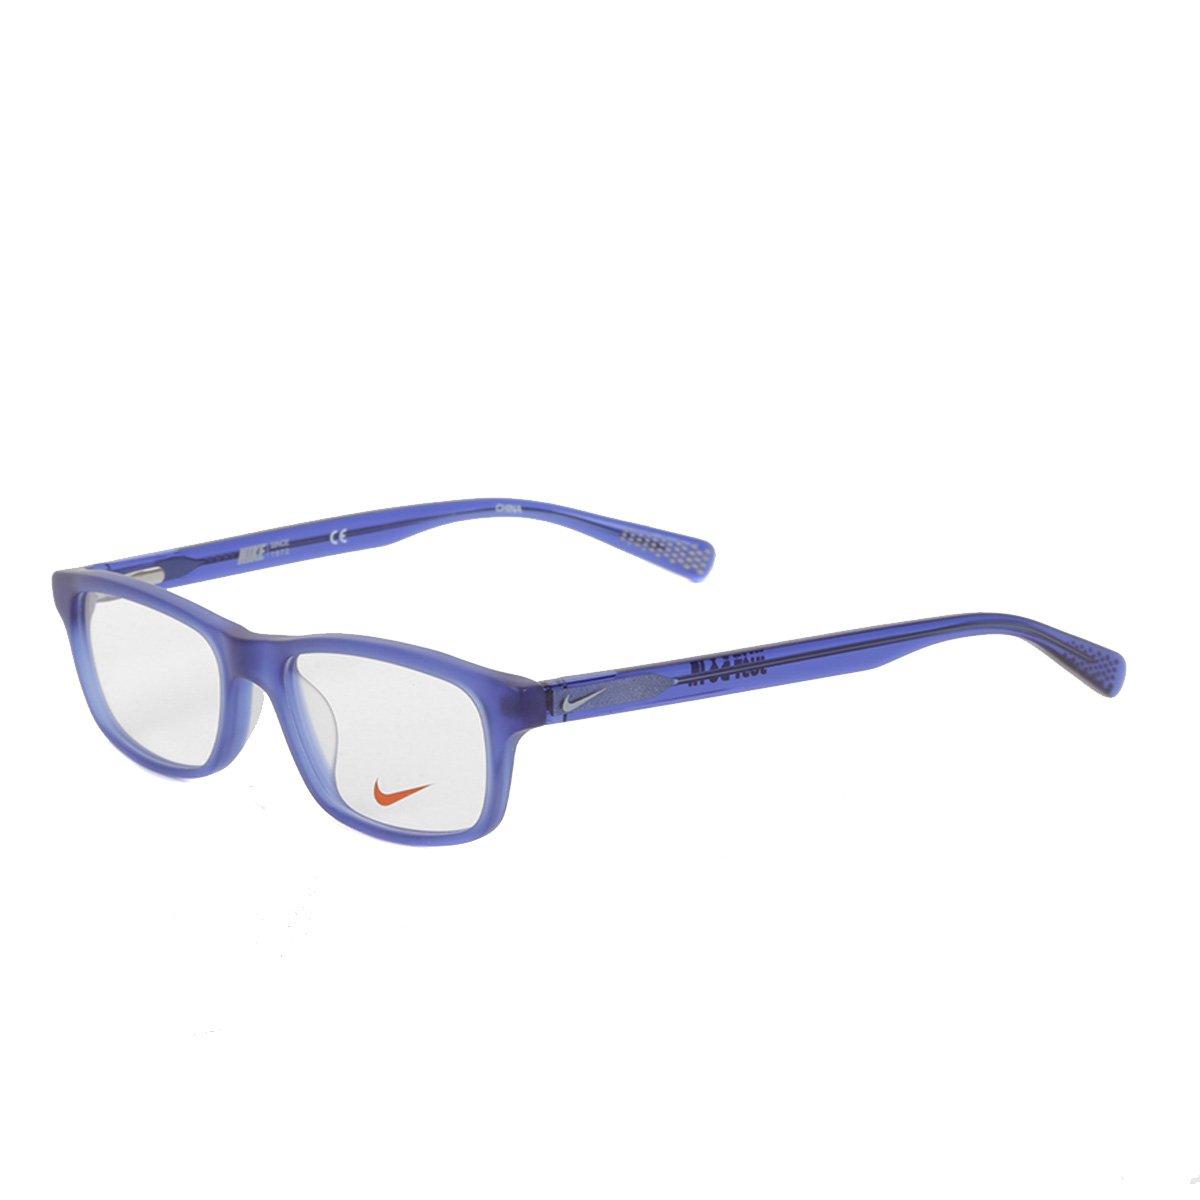 Armação De Óculos Juvenil Nike 5014 430